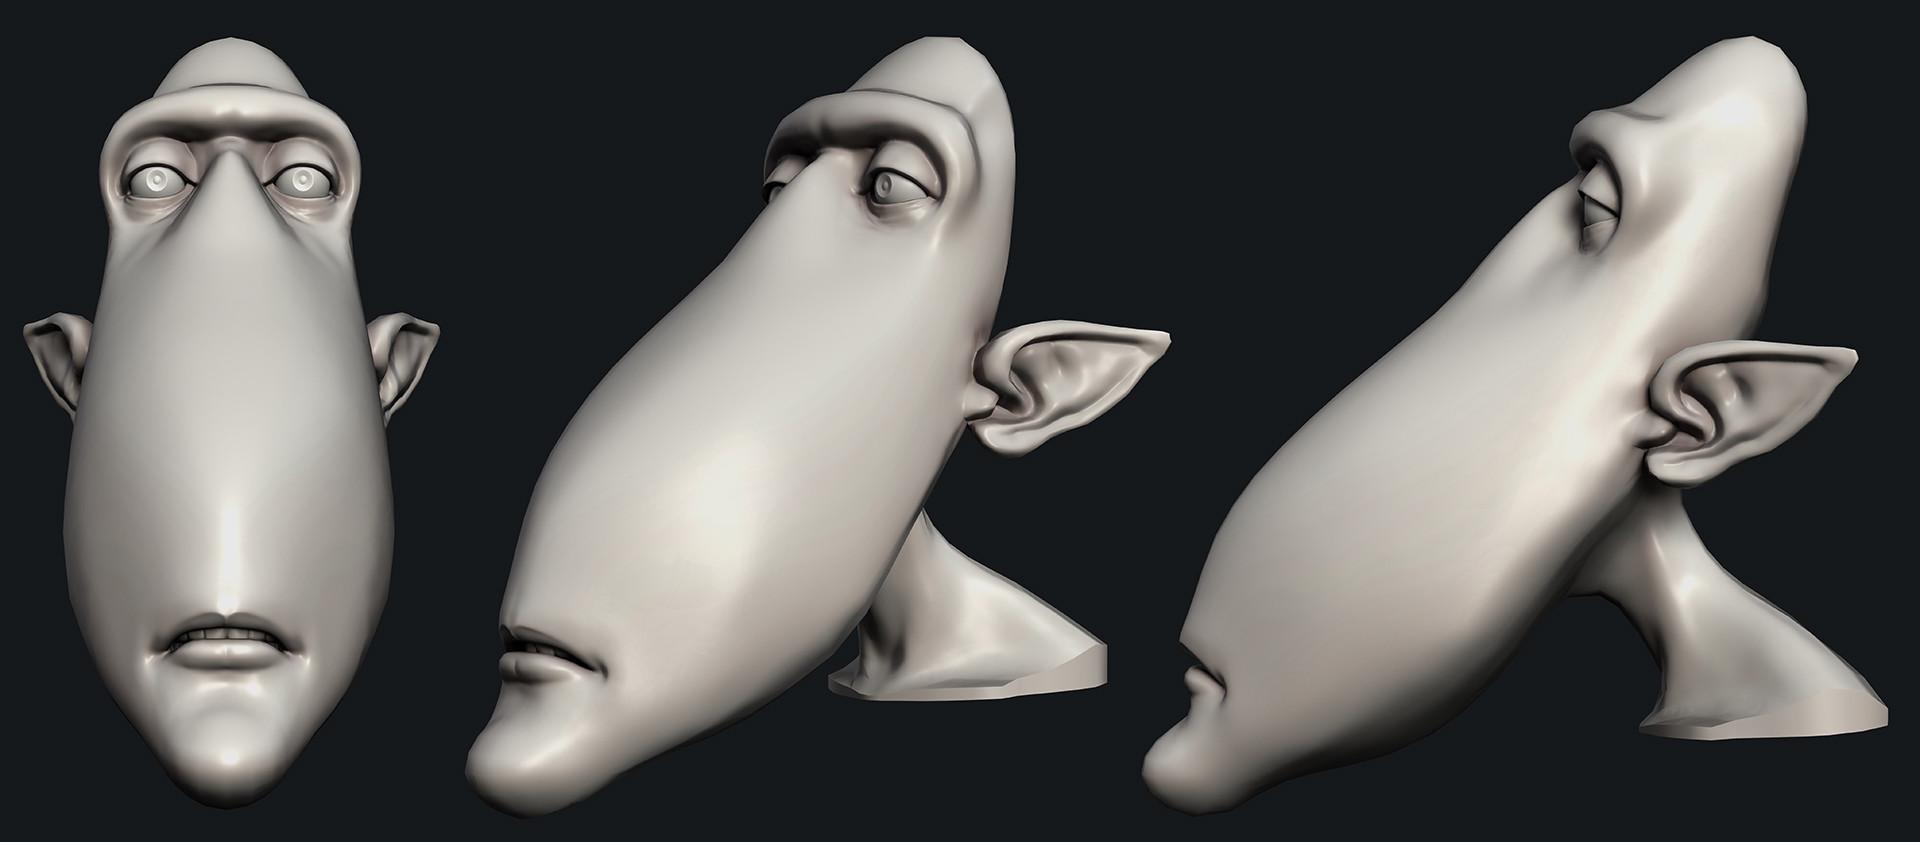 Jay susuico jsusuico alienhead1